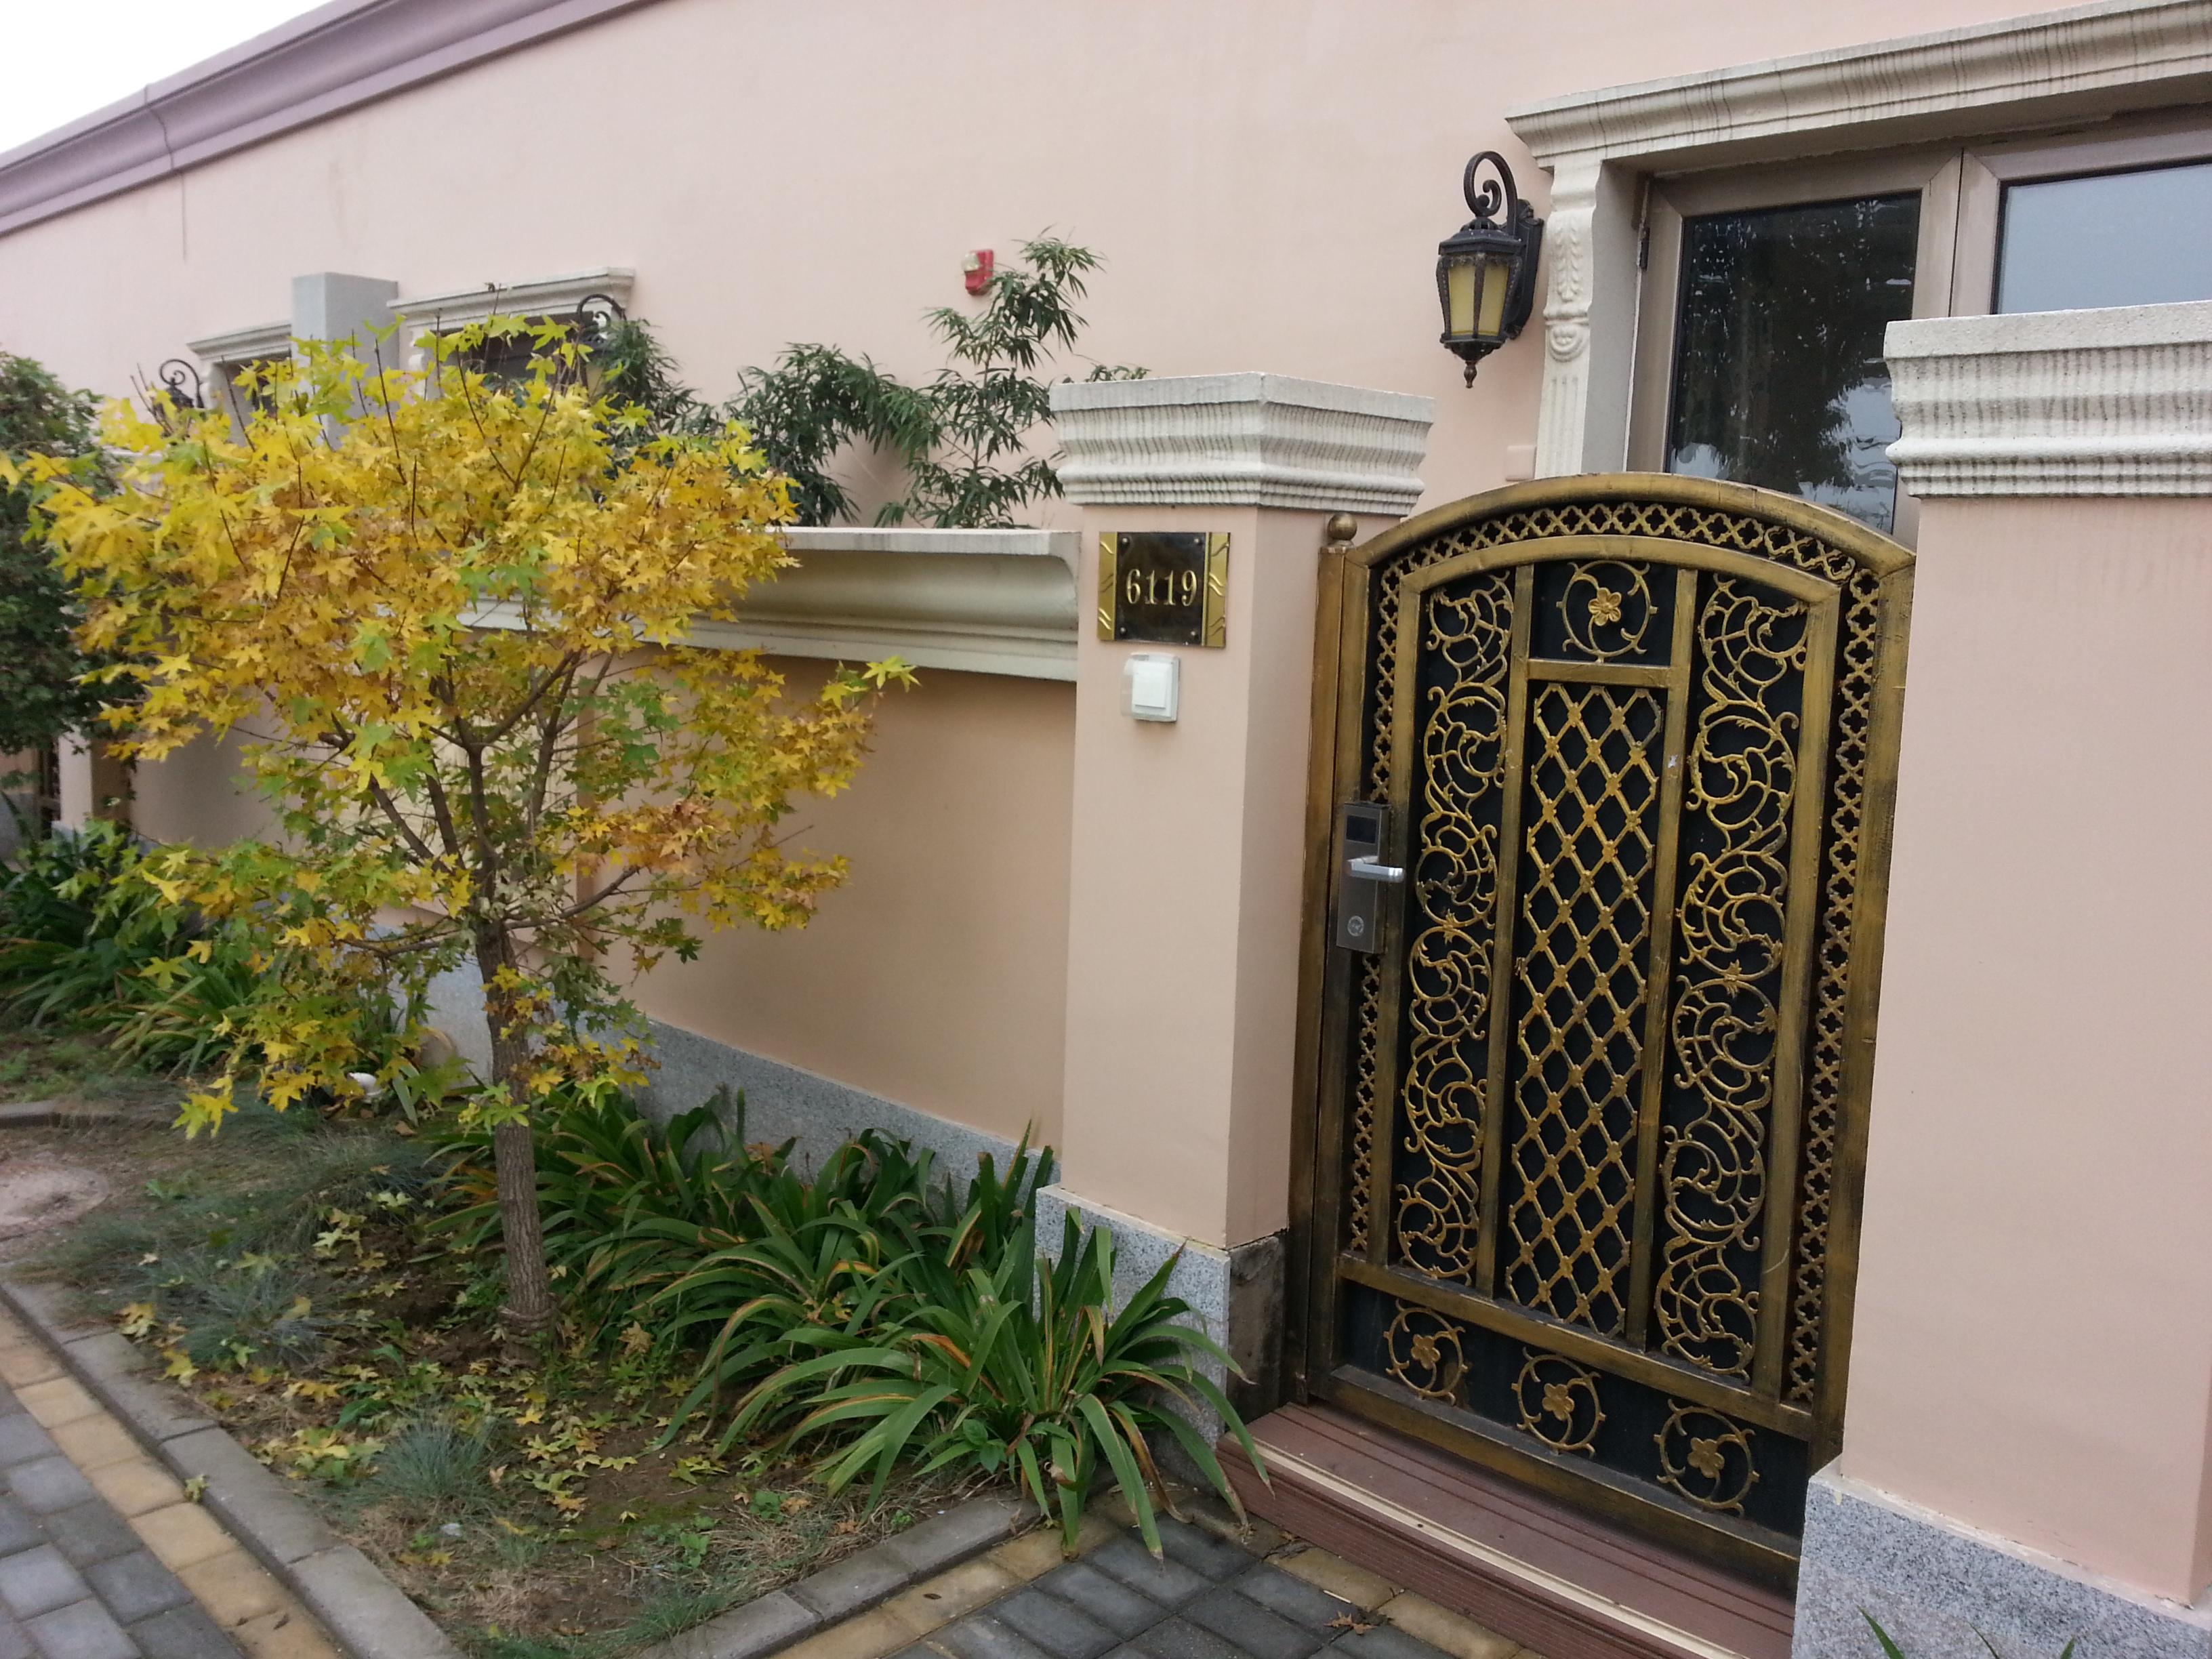 欧式小院门前的枫树,有秋天的feel